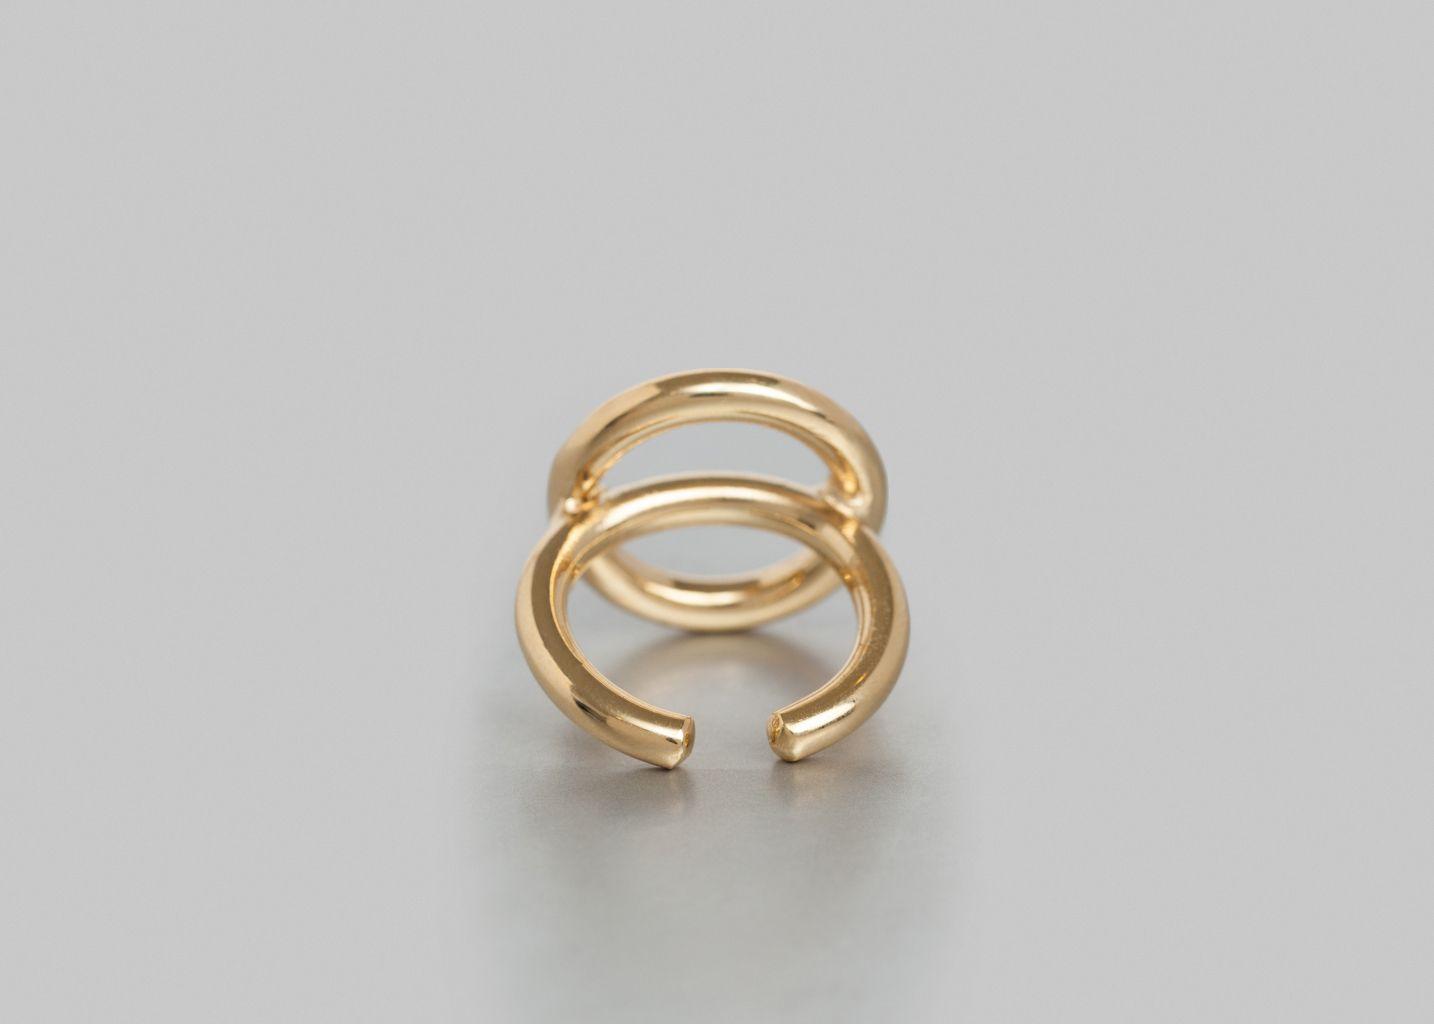 Bague Cercle - Mimilamour